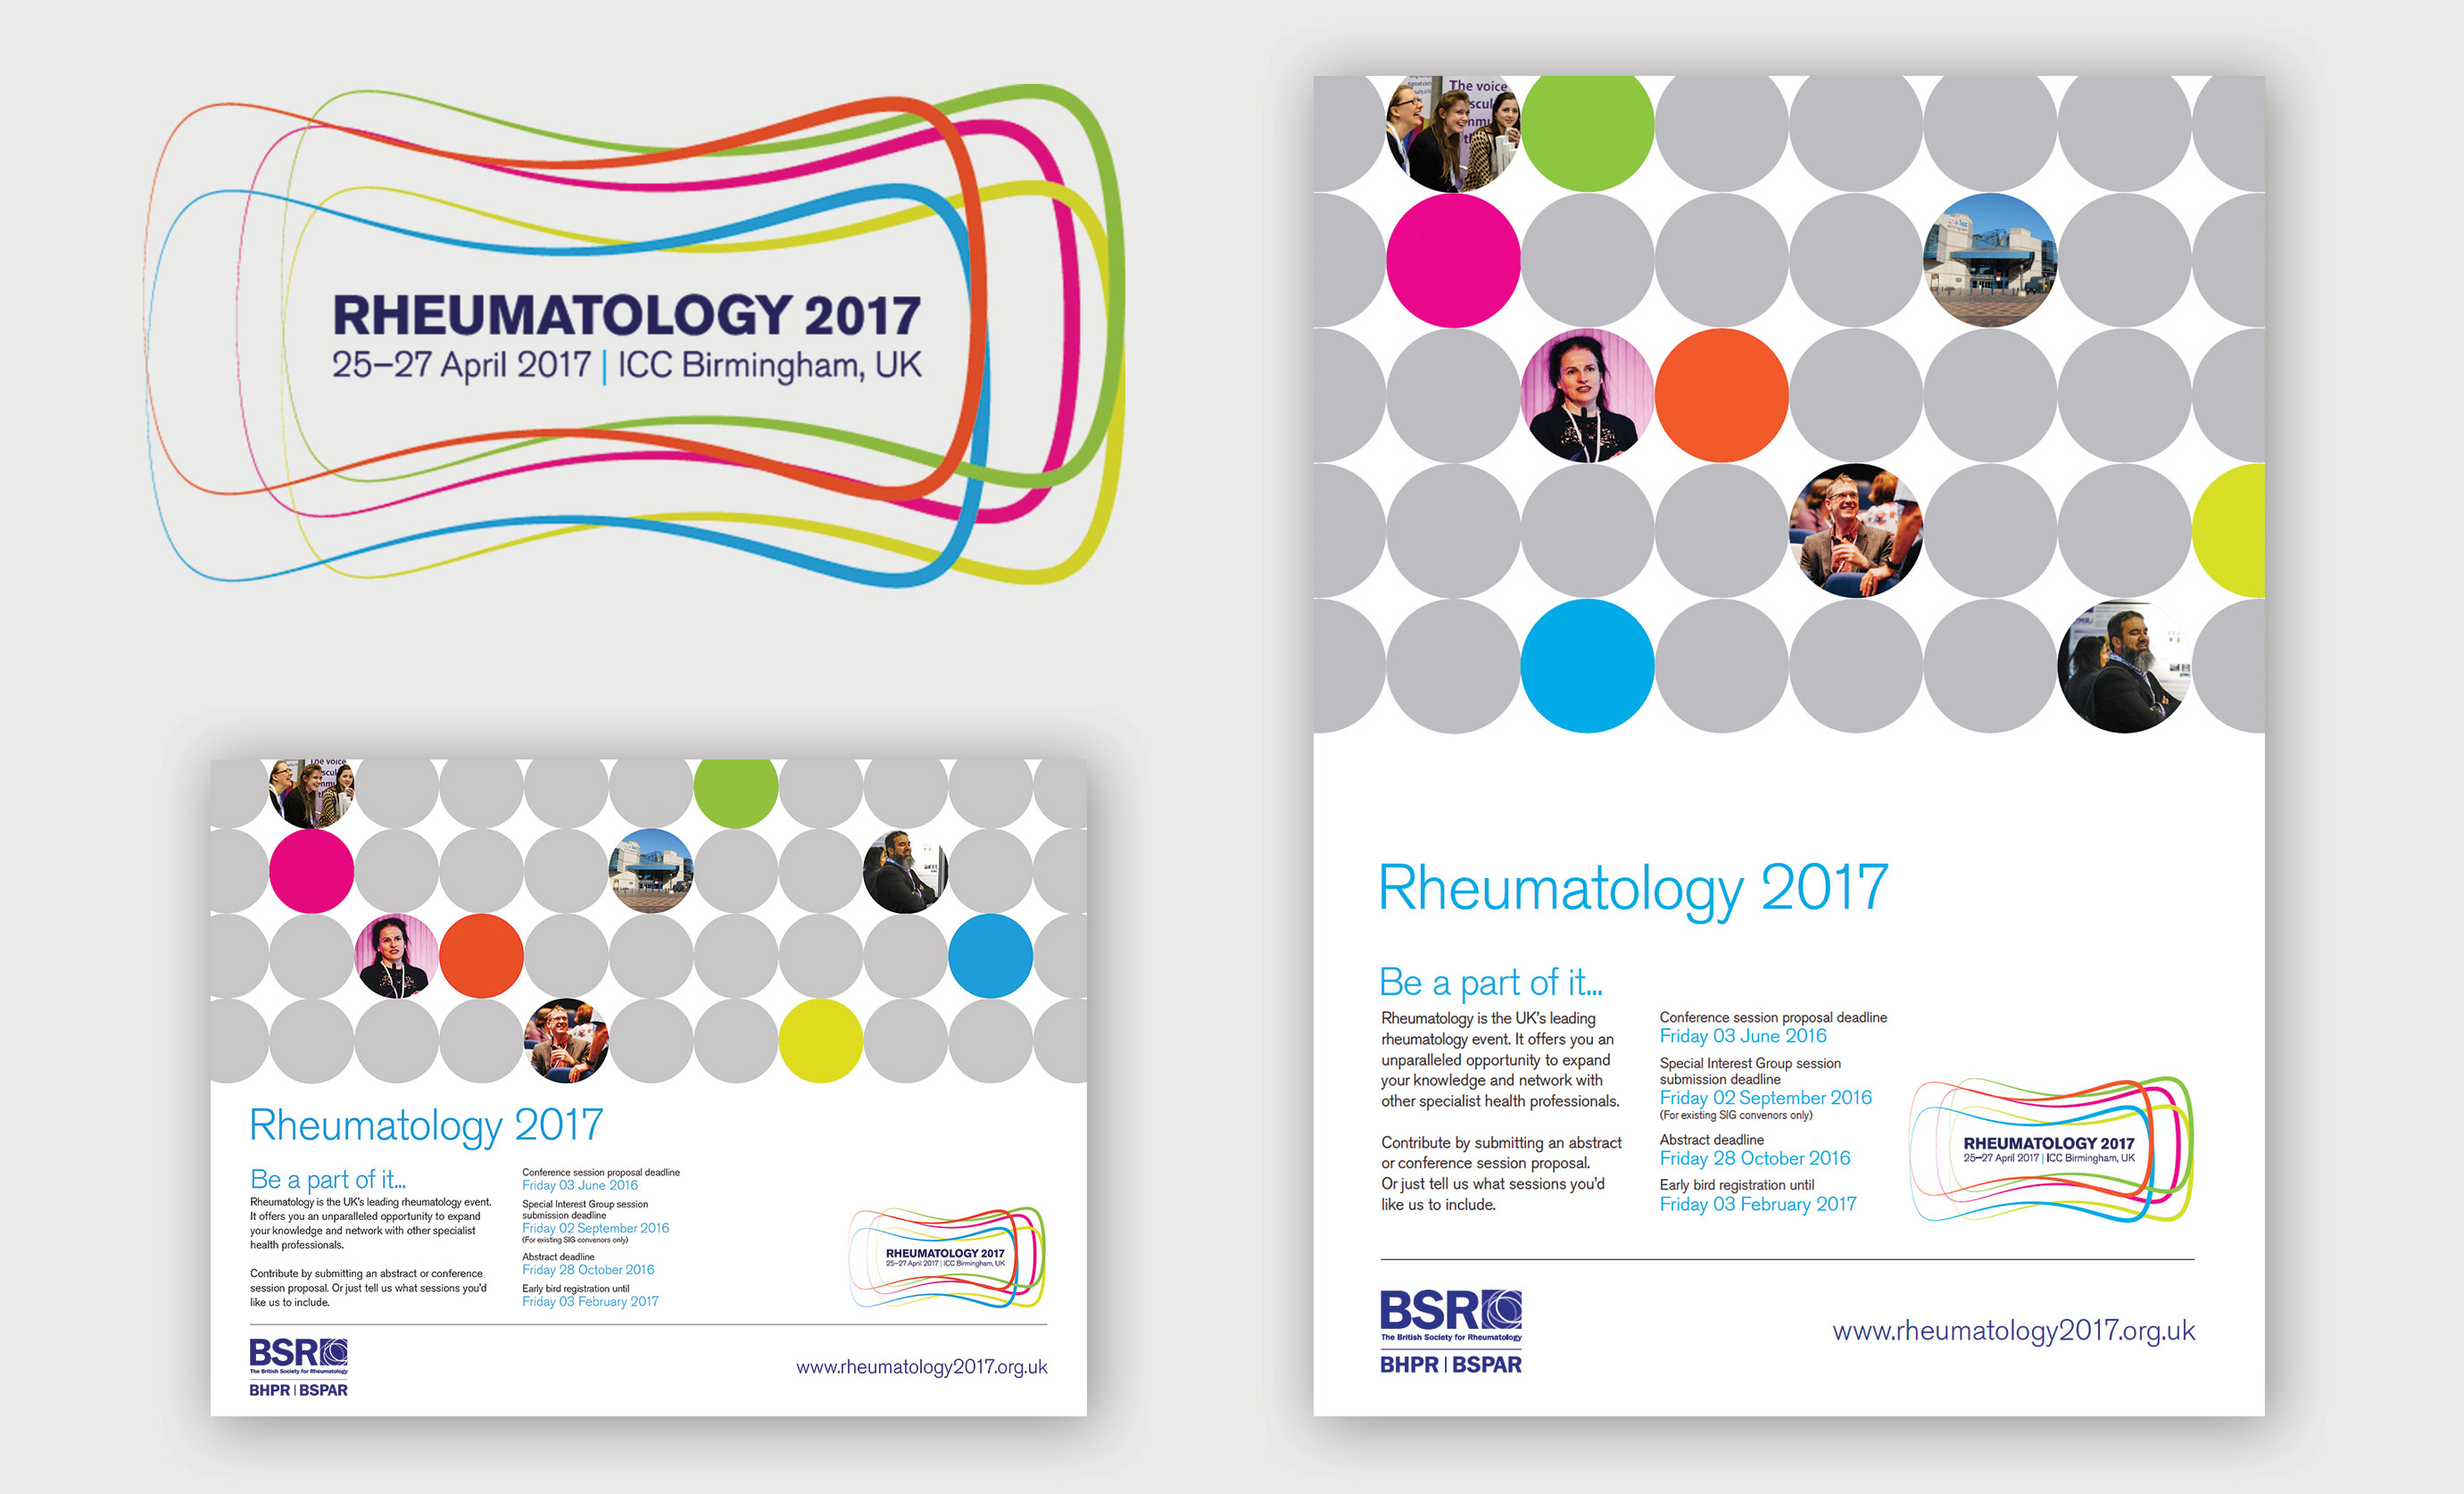 Rheumatology_2017